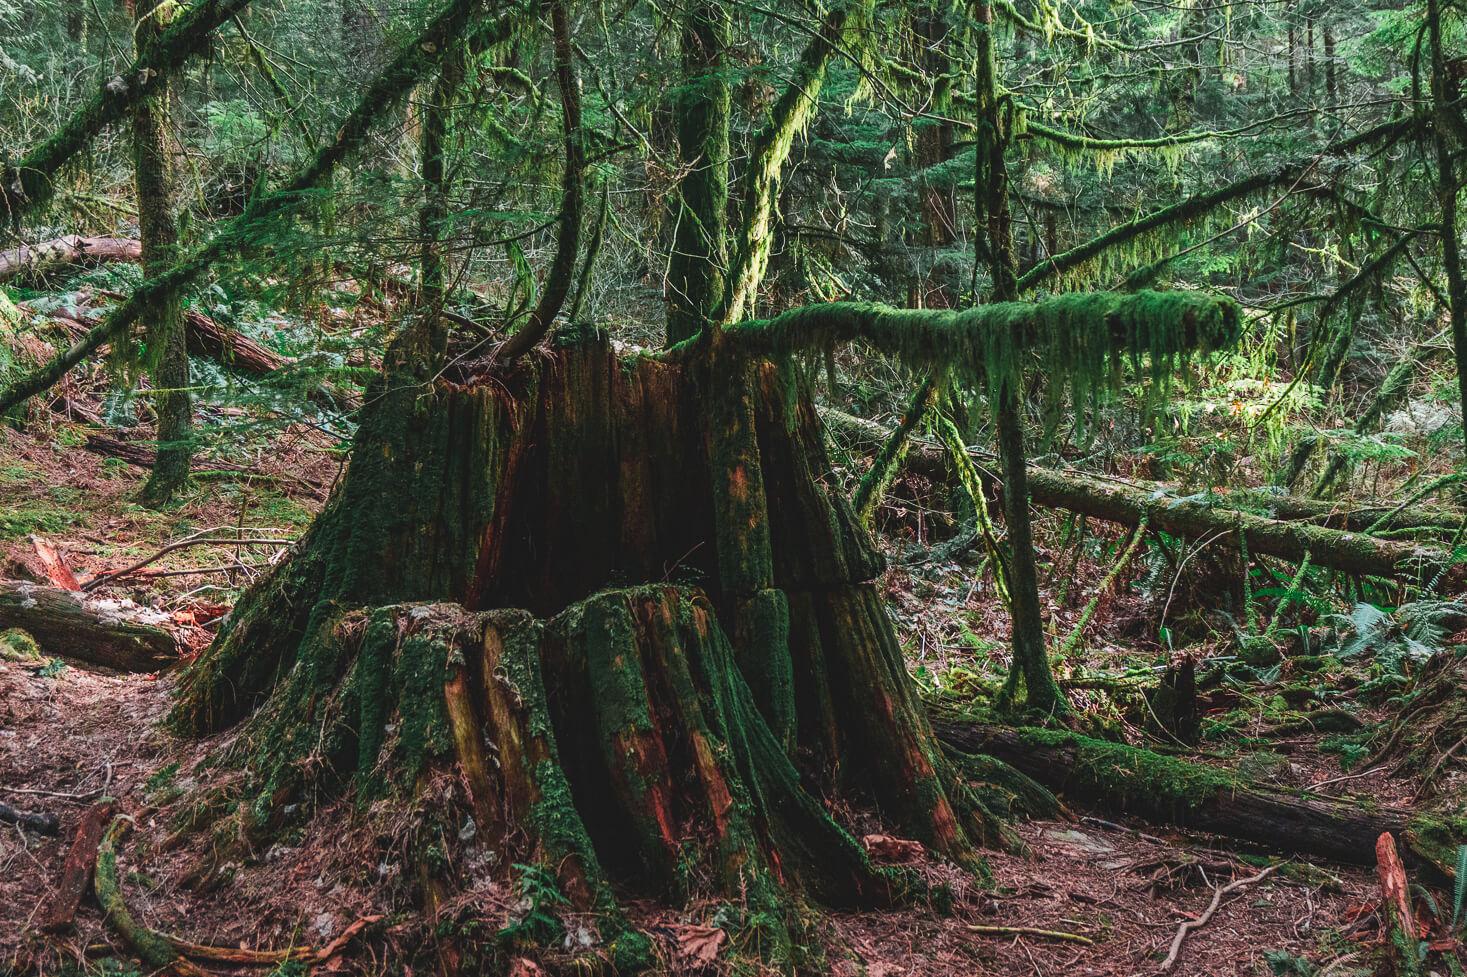 Moosbewachsener Baumstamm Baden Powell Trail